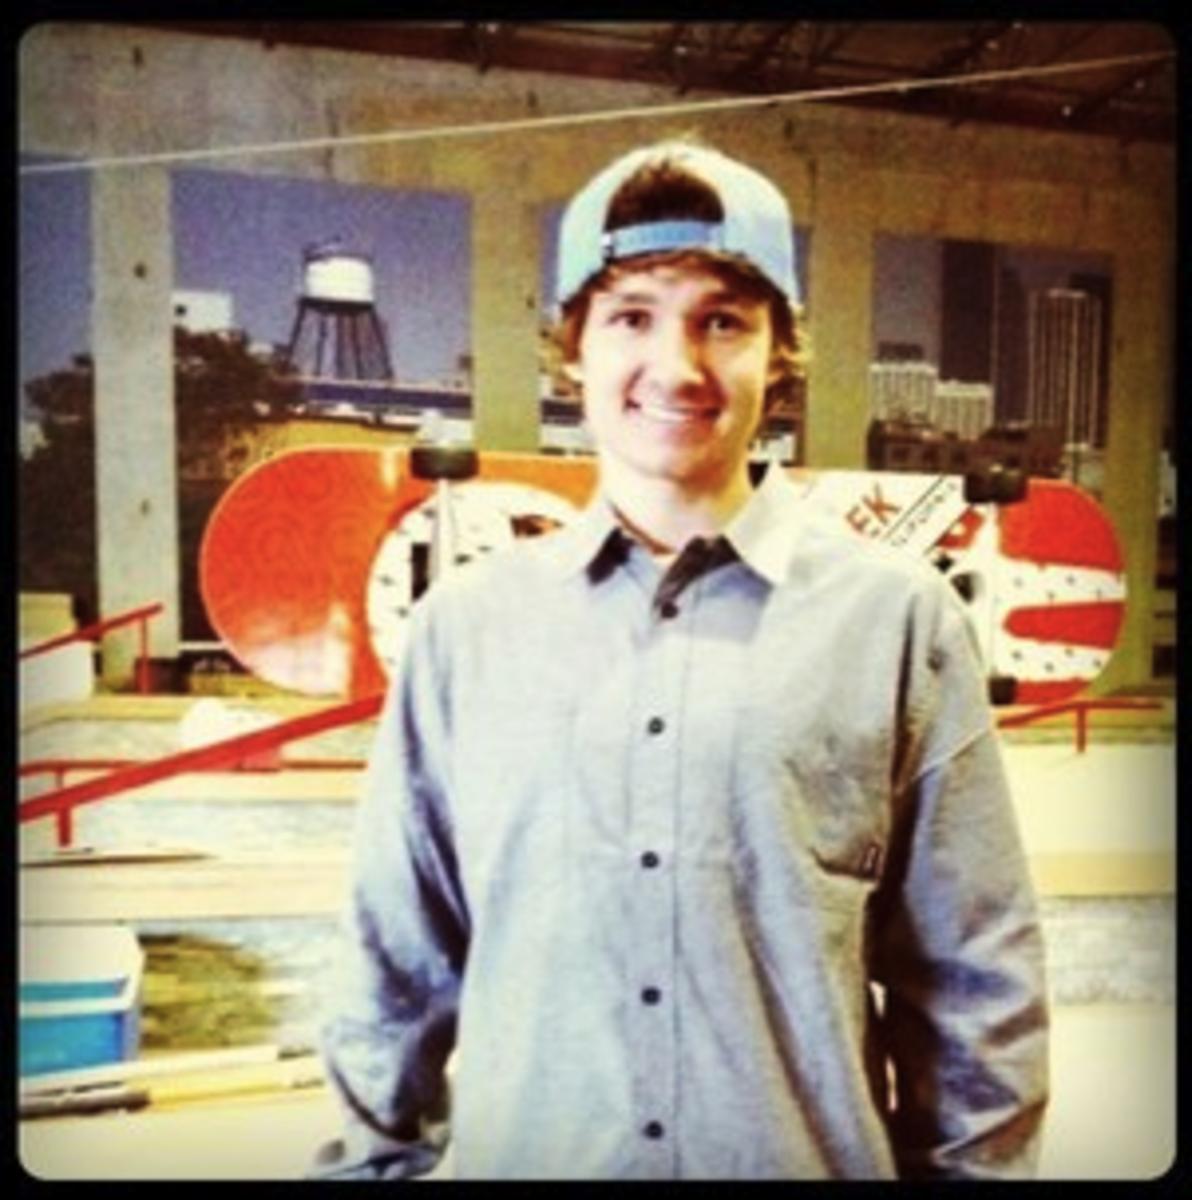 Pro Skater, Shane O'neill